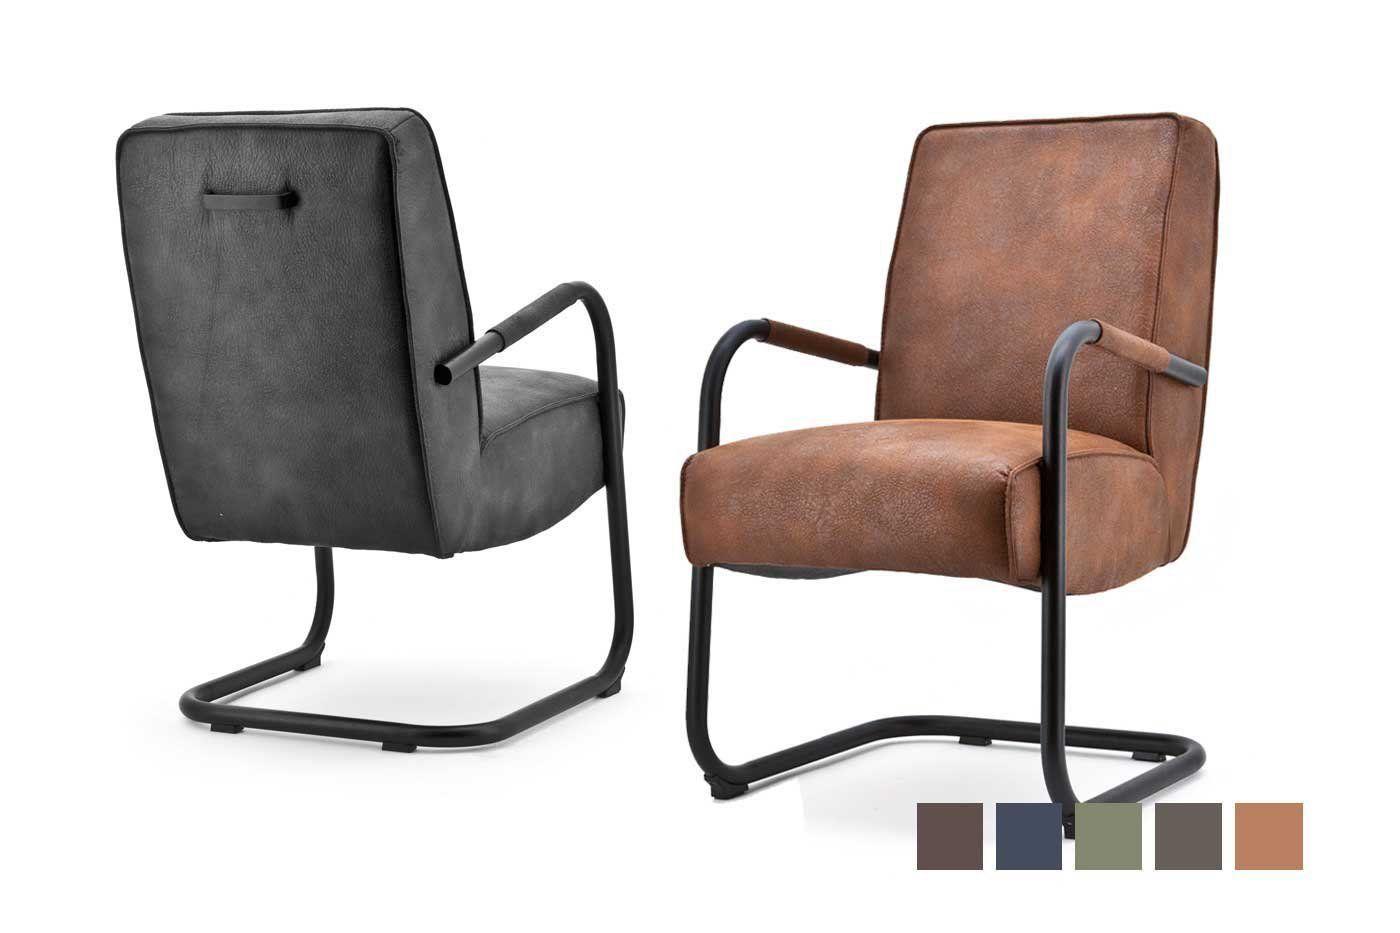 Faro Freischwinger Sessel Mit Armlehne Wohnsektion Sessel